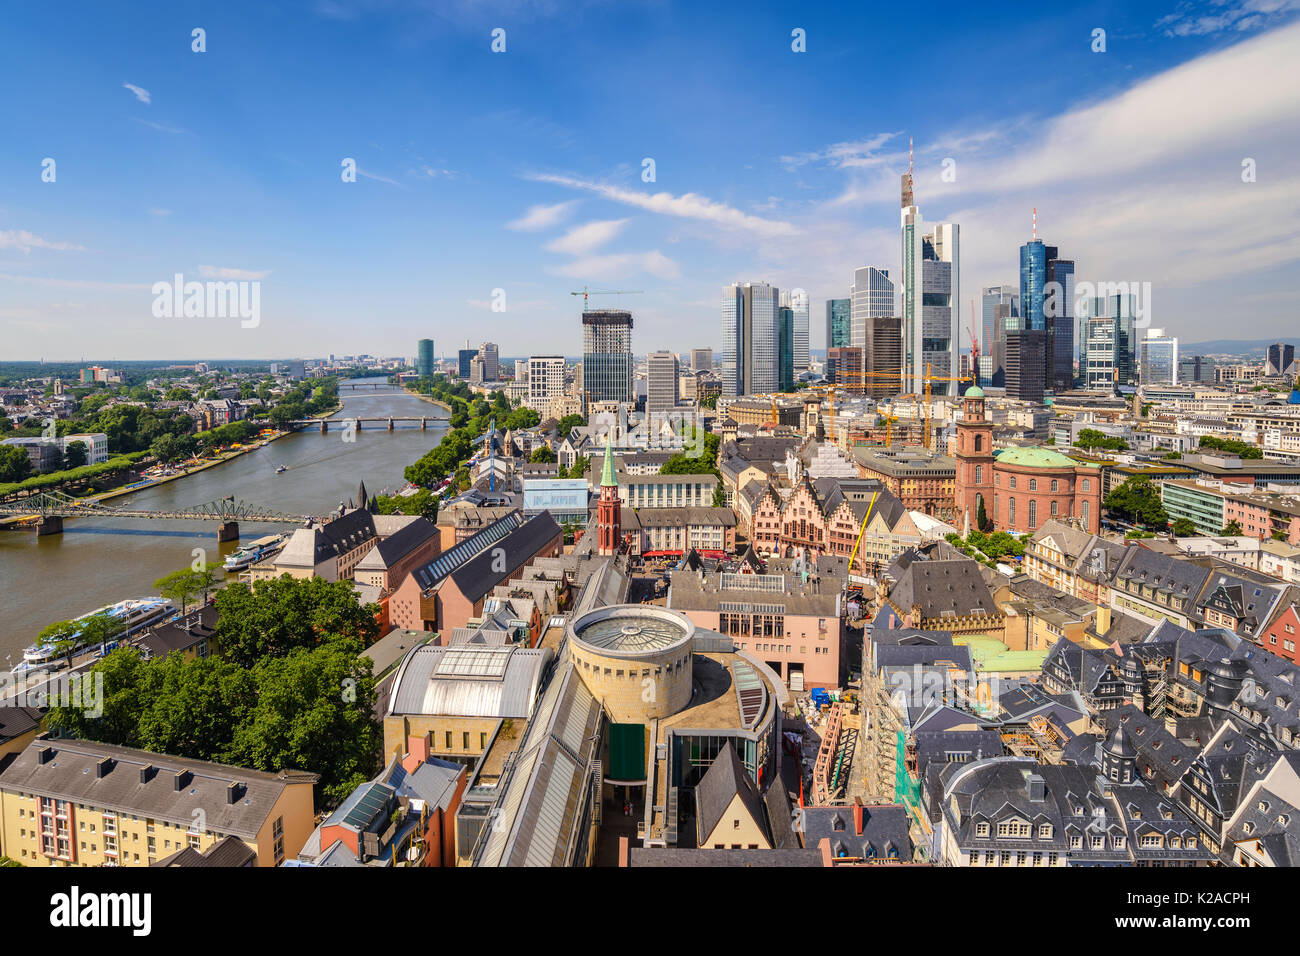 Frankfurter Engel anzeigen City Skyline, Frankfurt, Deutschland Stockbild